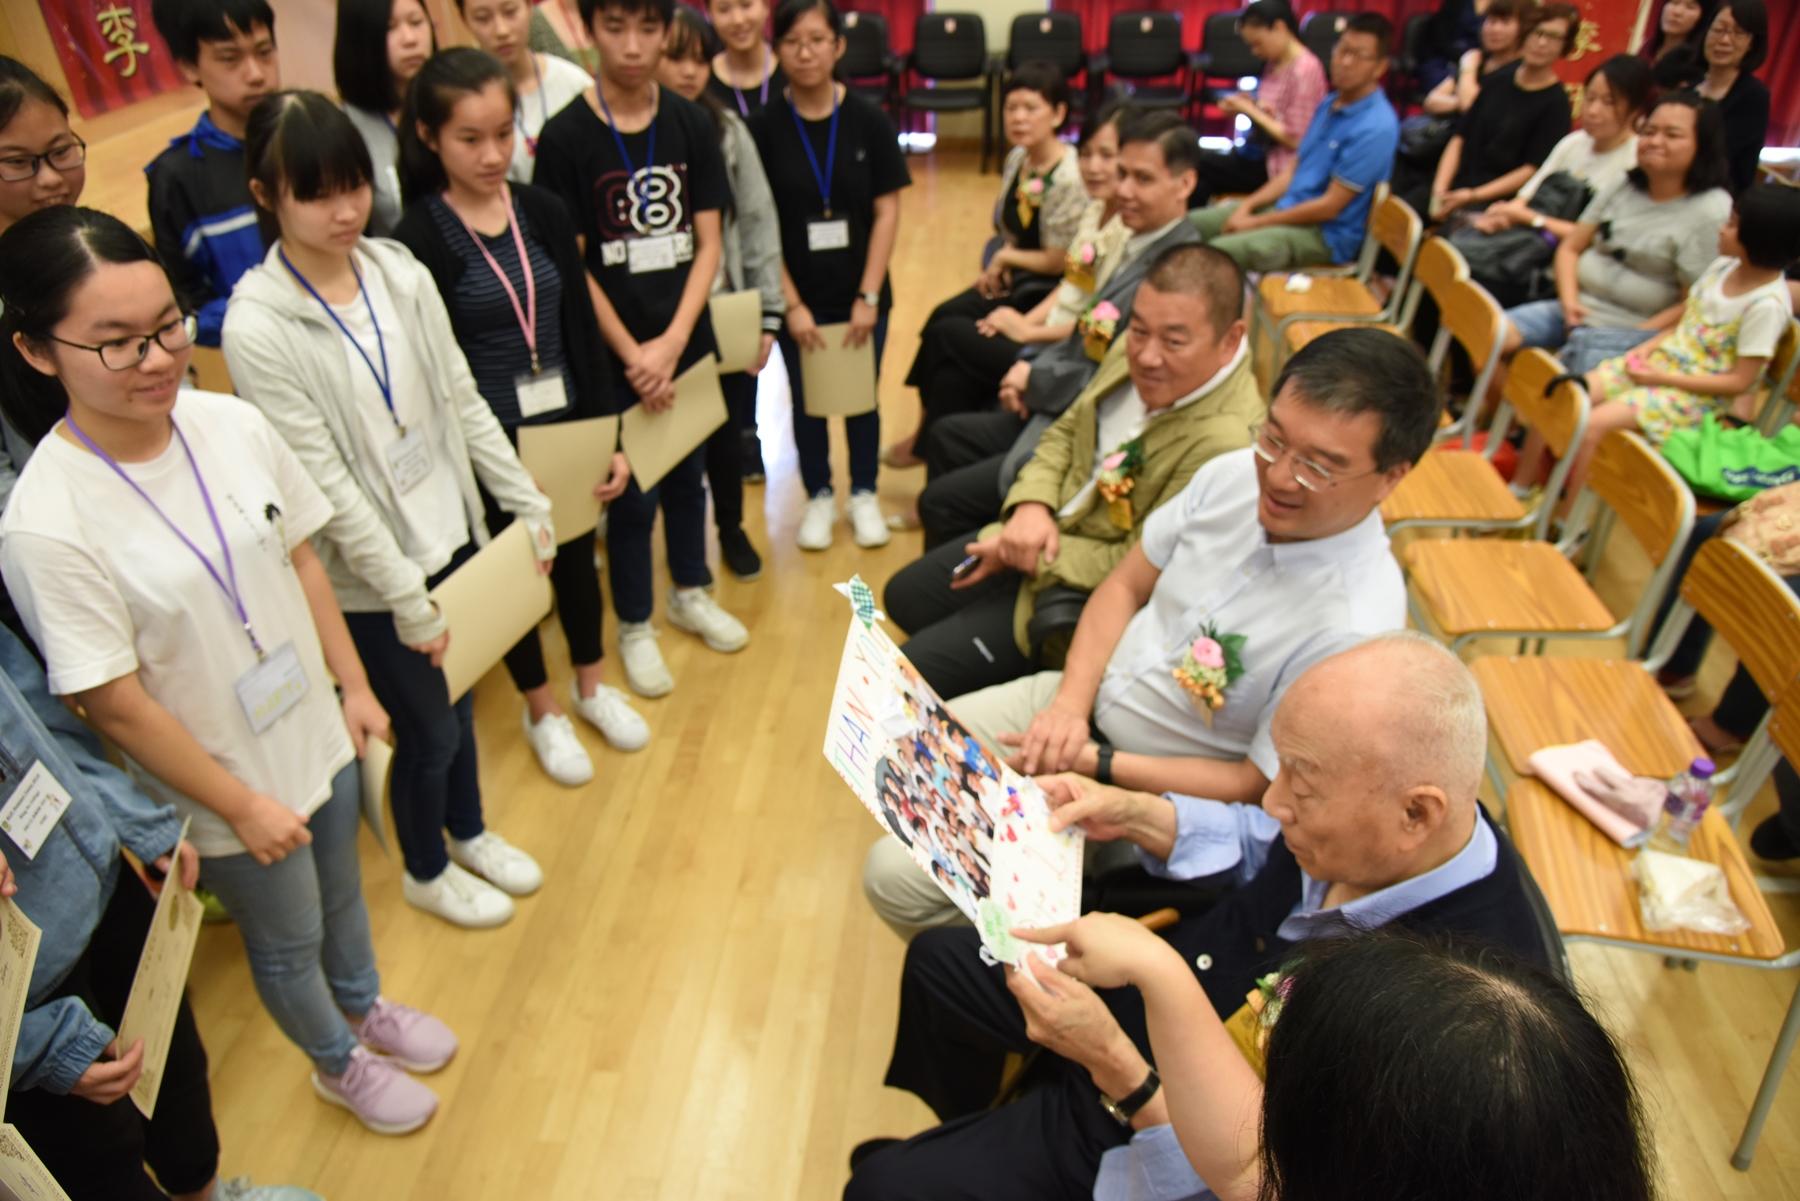 https://www.npc.edu.hk/sites/default/files/dsc_4732.jpg